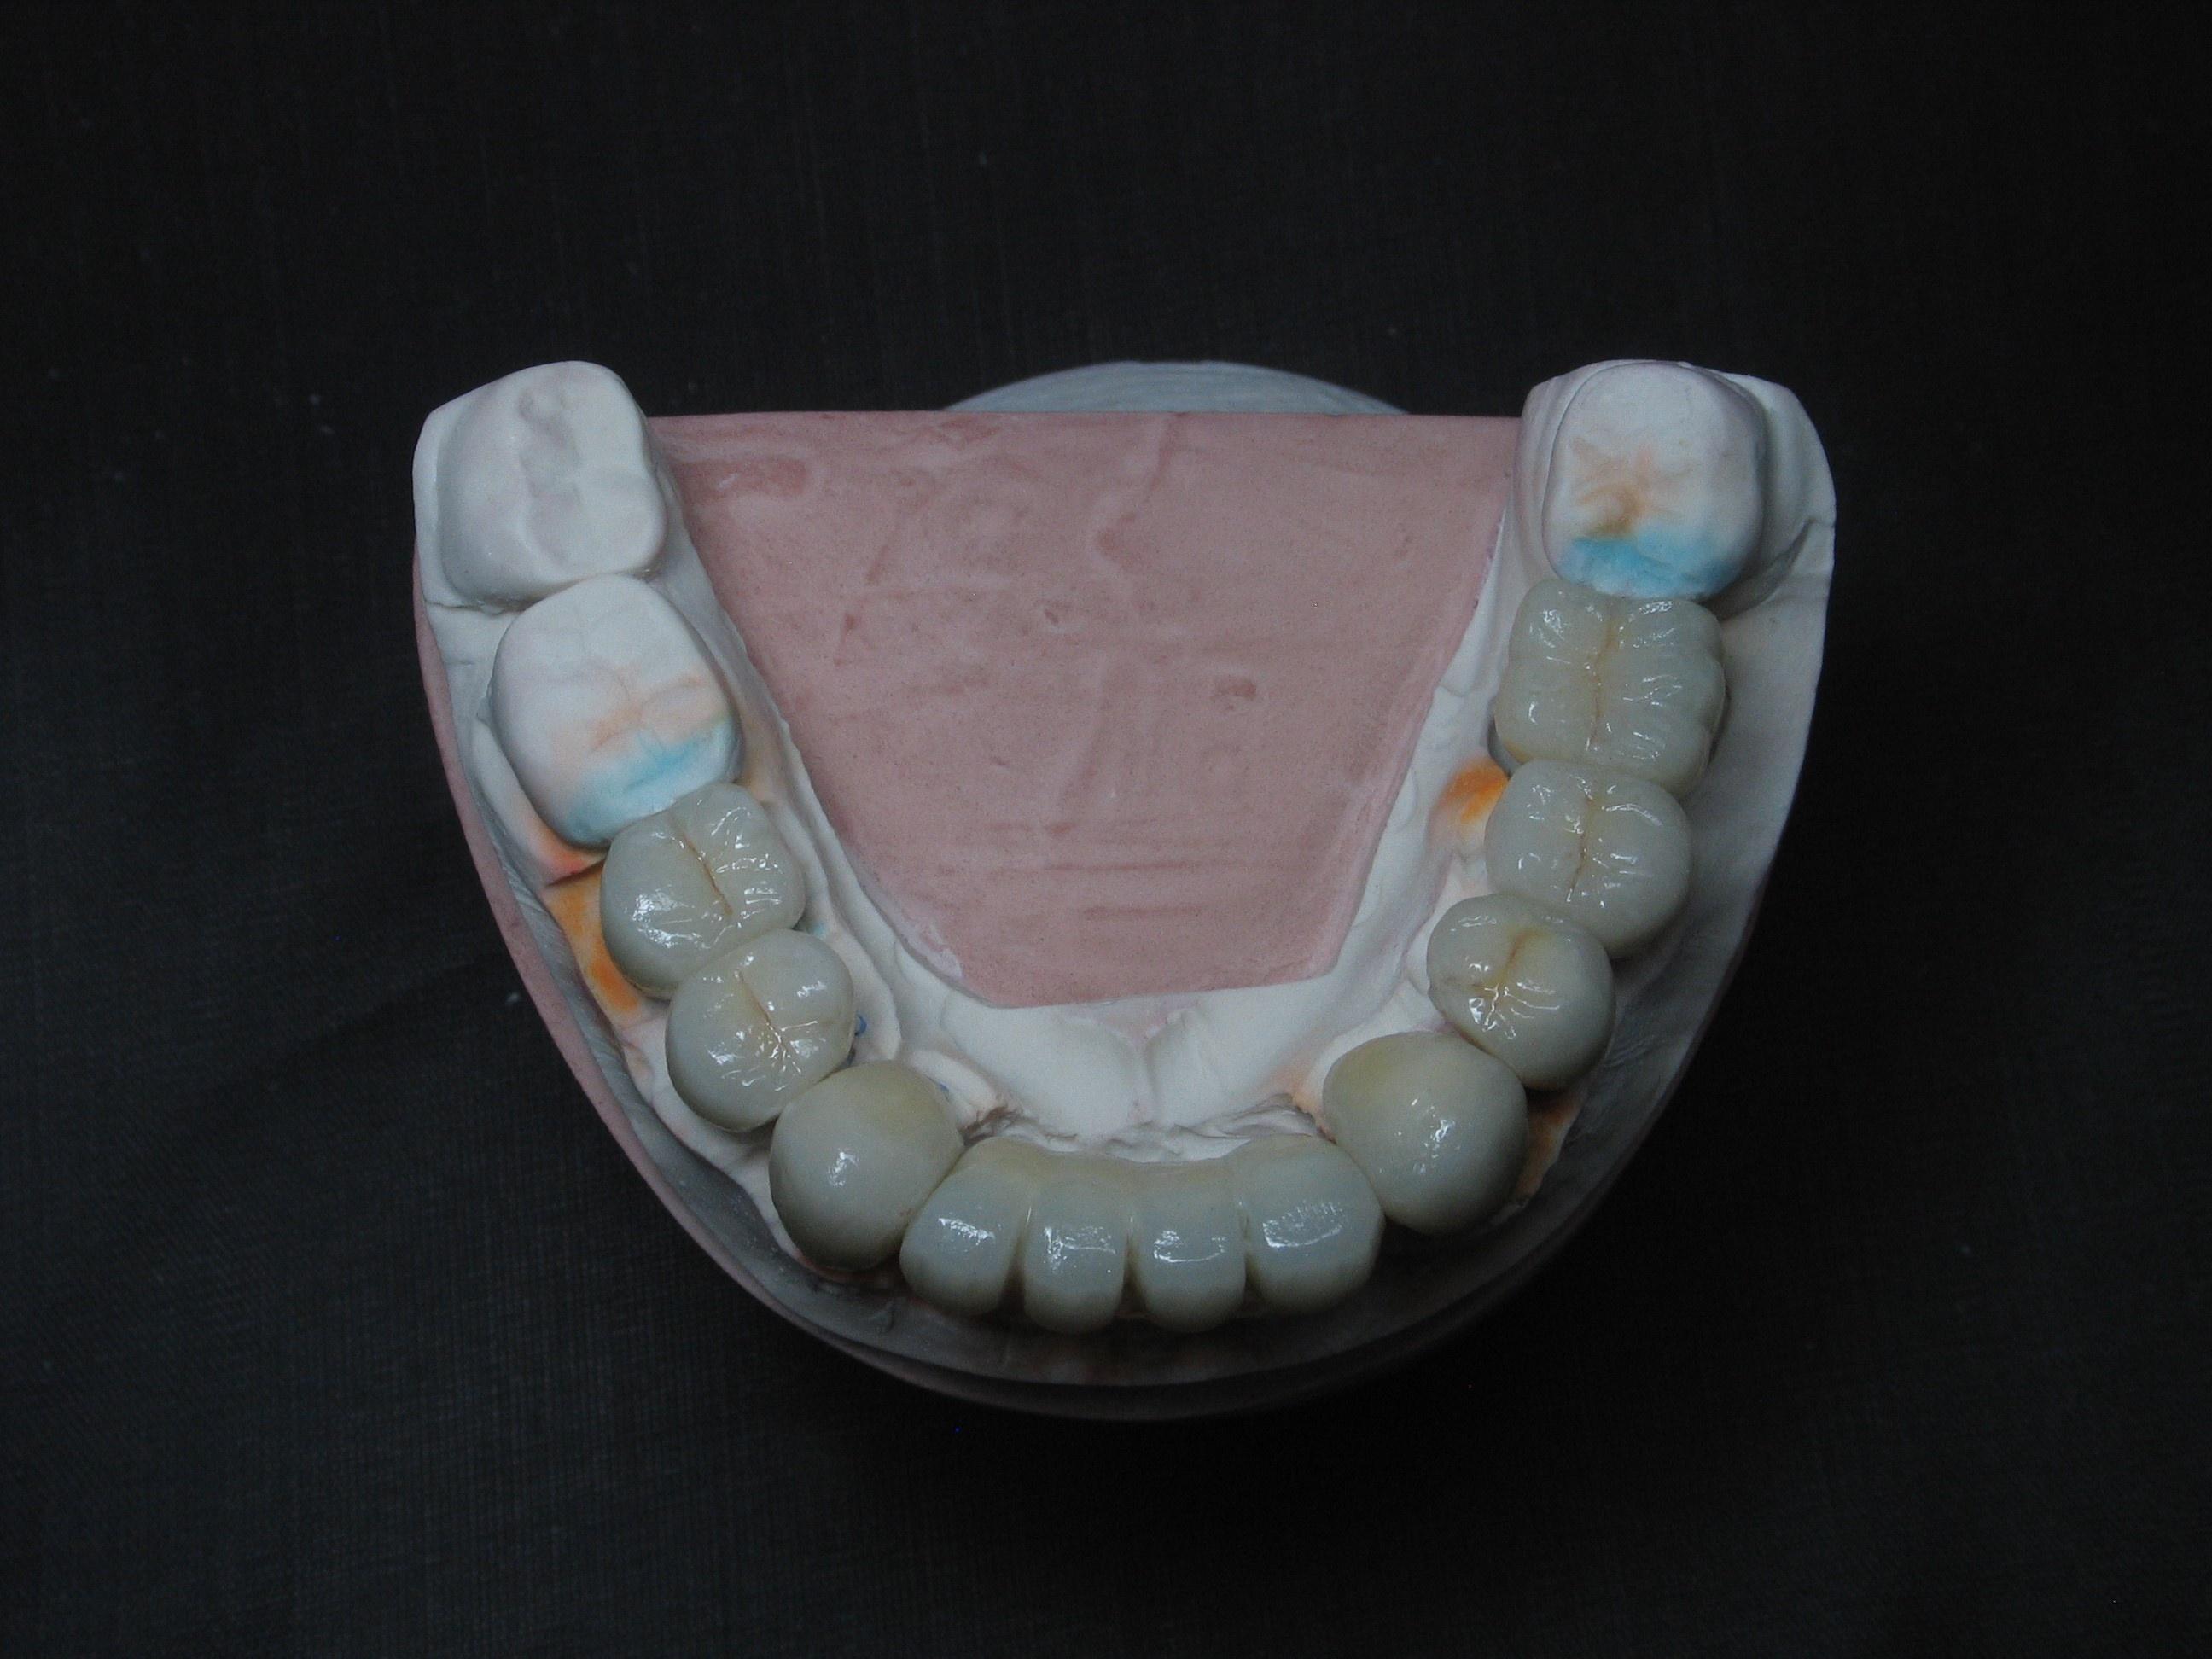 https://0201.nccdn.net/4_2/000/000/038/2d3/Mold_with_Implant-5-2592x1944.jpg